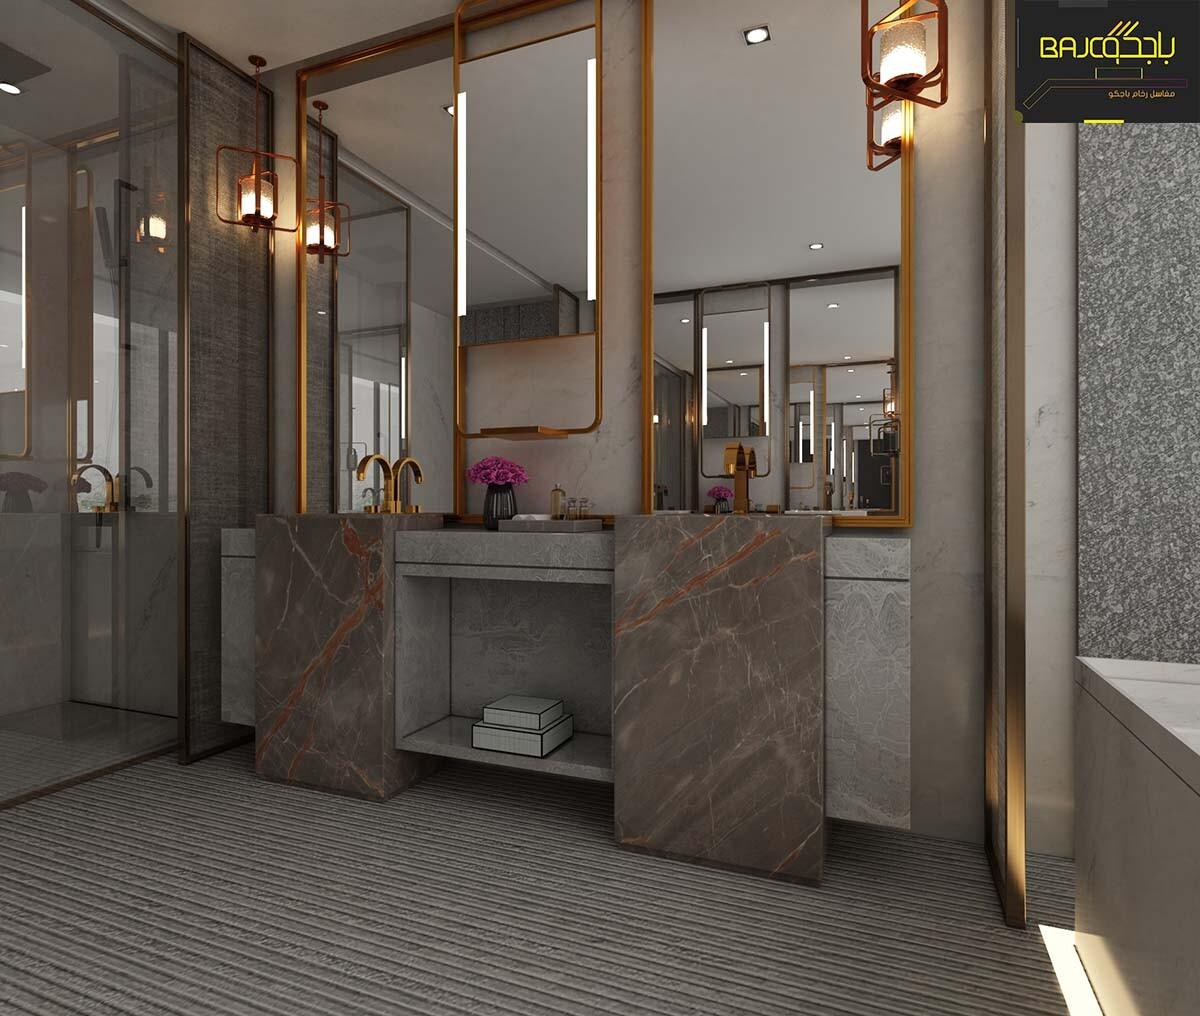 تصميم مغسلة رخام داخل الحمام 1